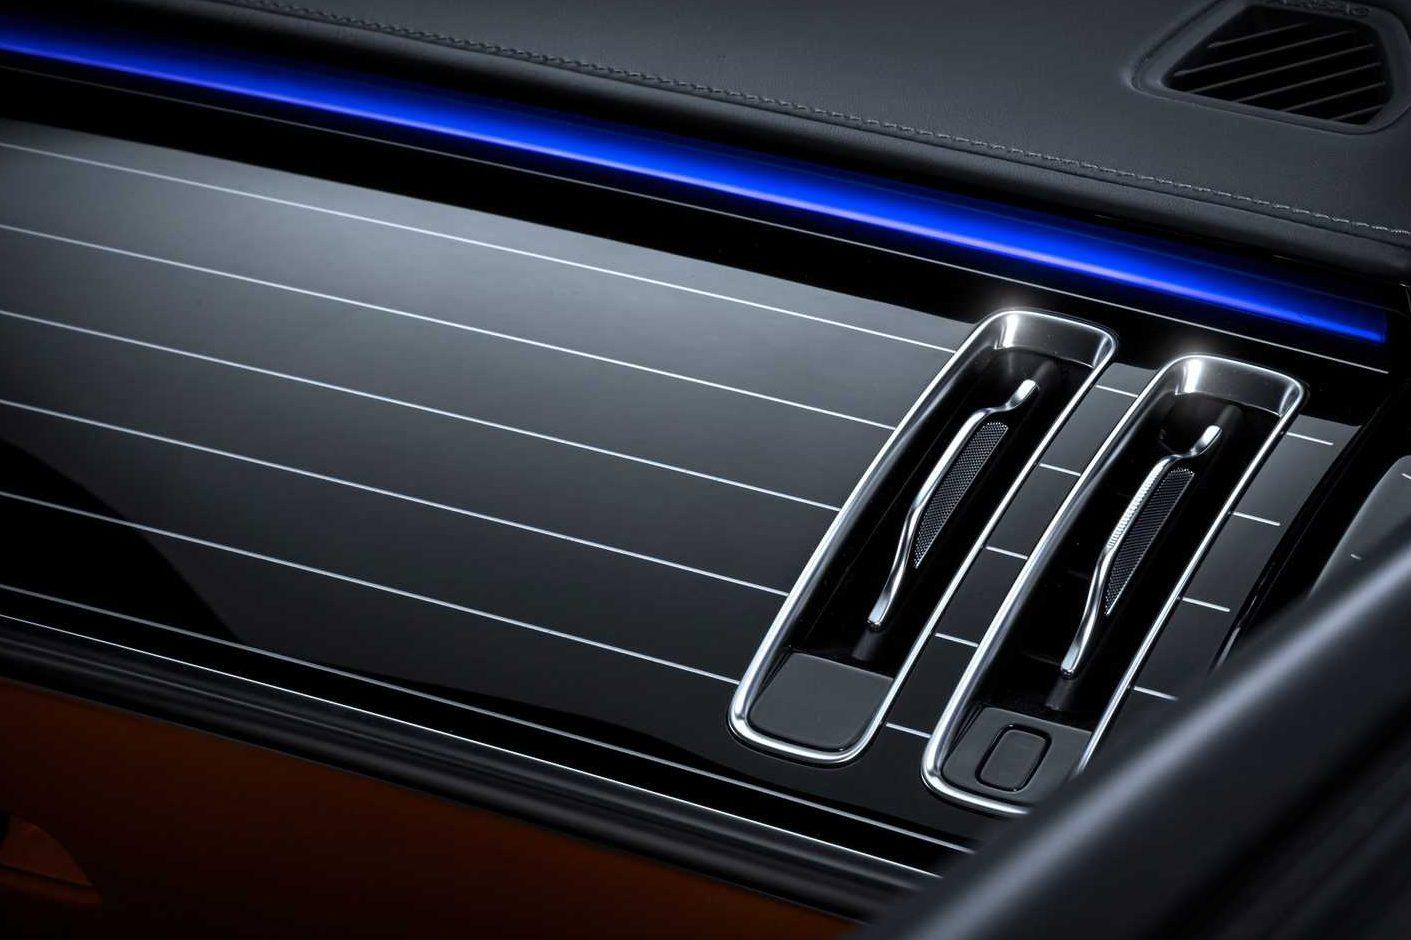 2021-mercedes-benz-s-class-ambient-lighting-1-e1597267256972.jpg